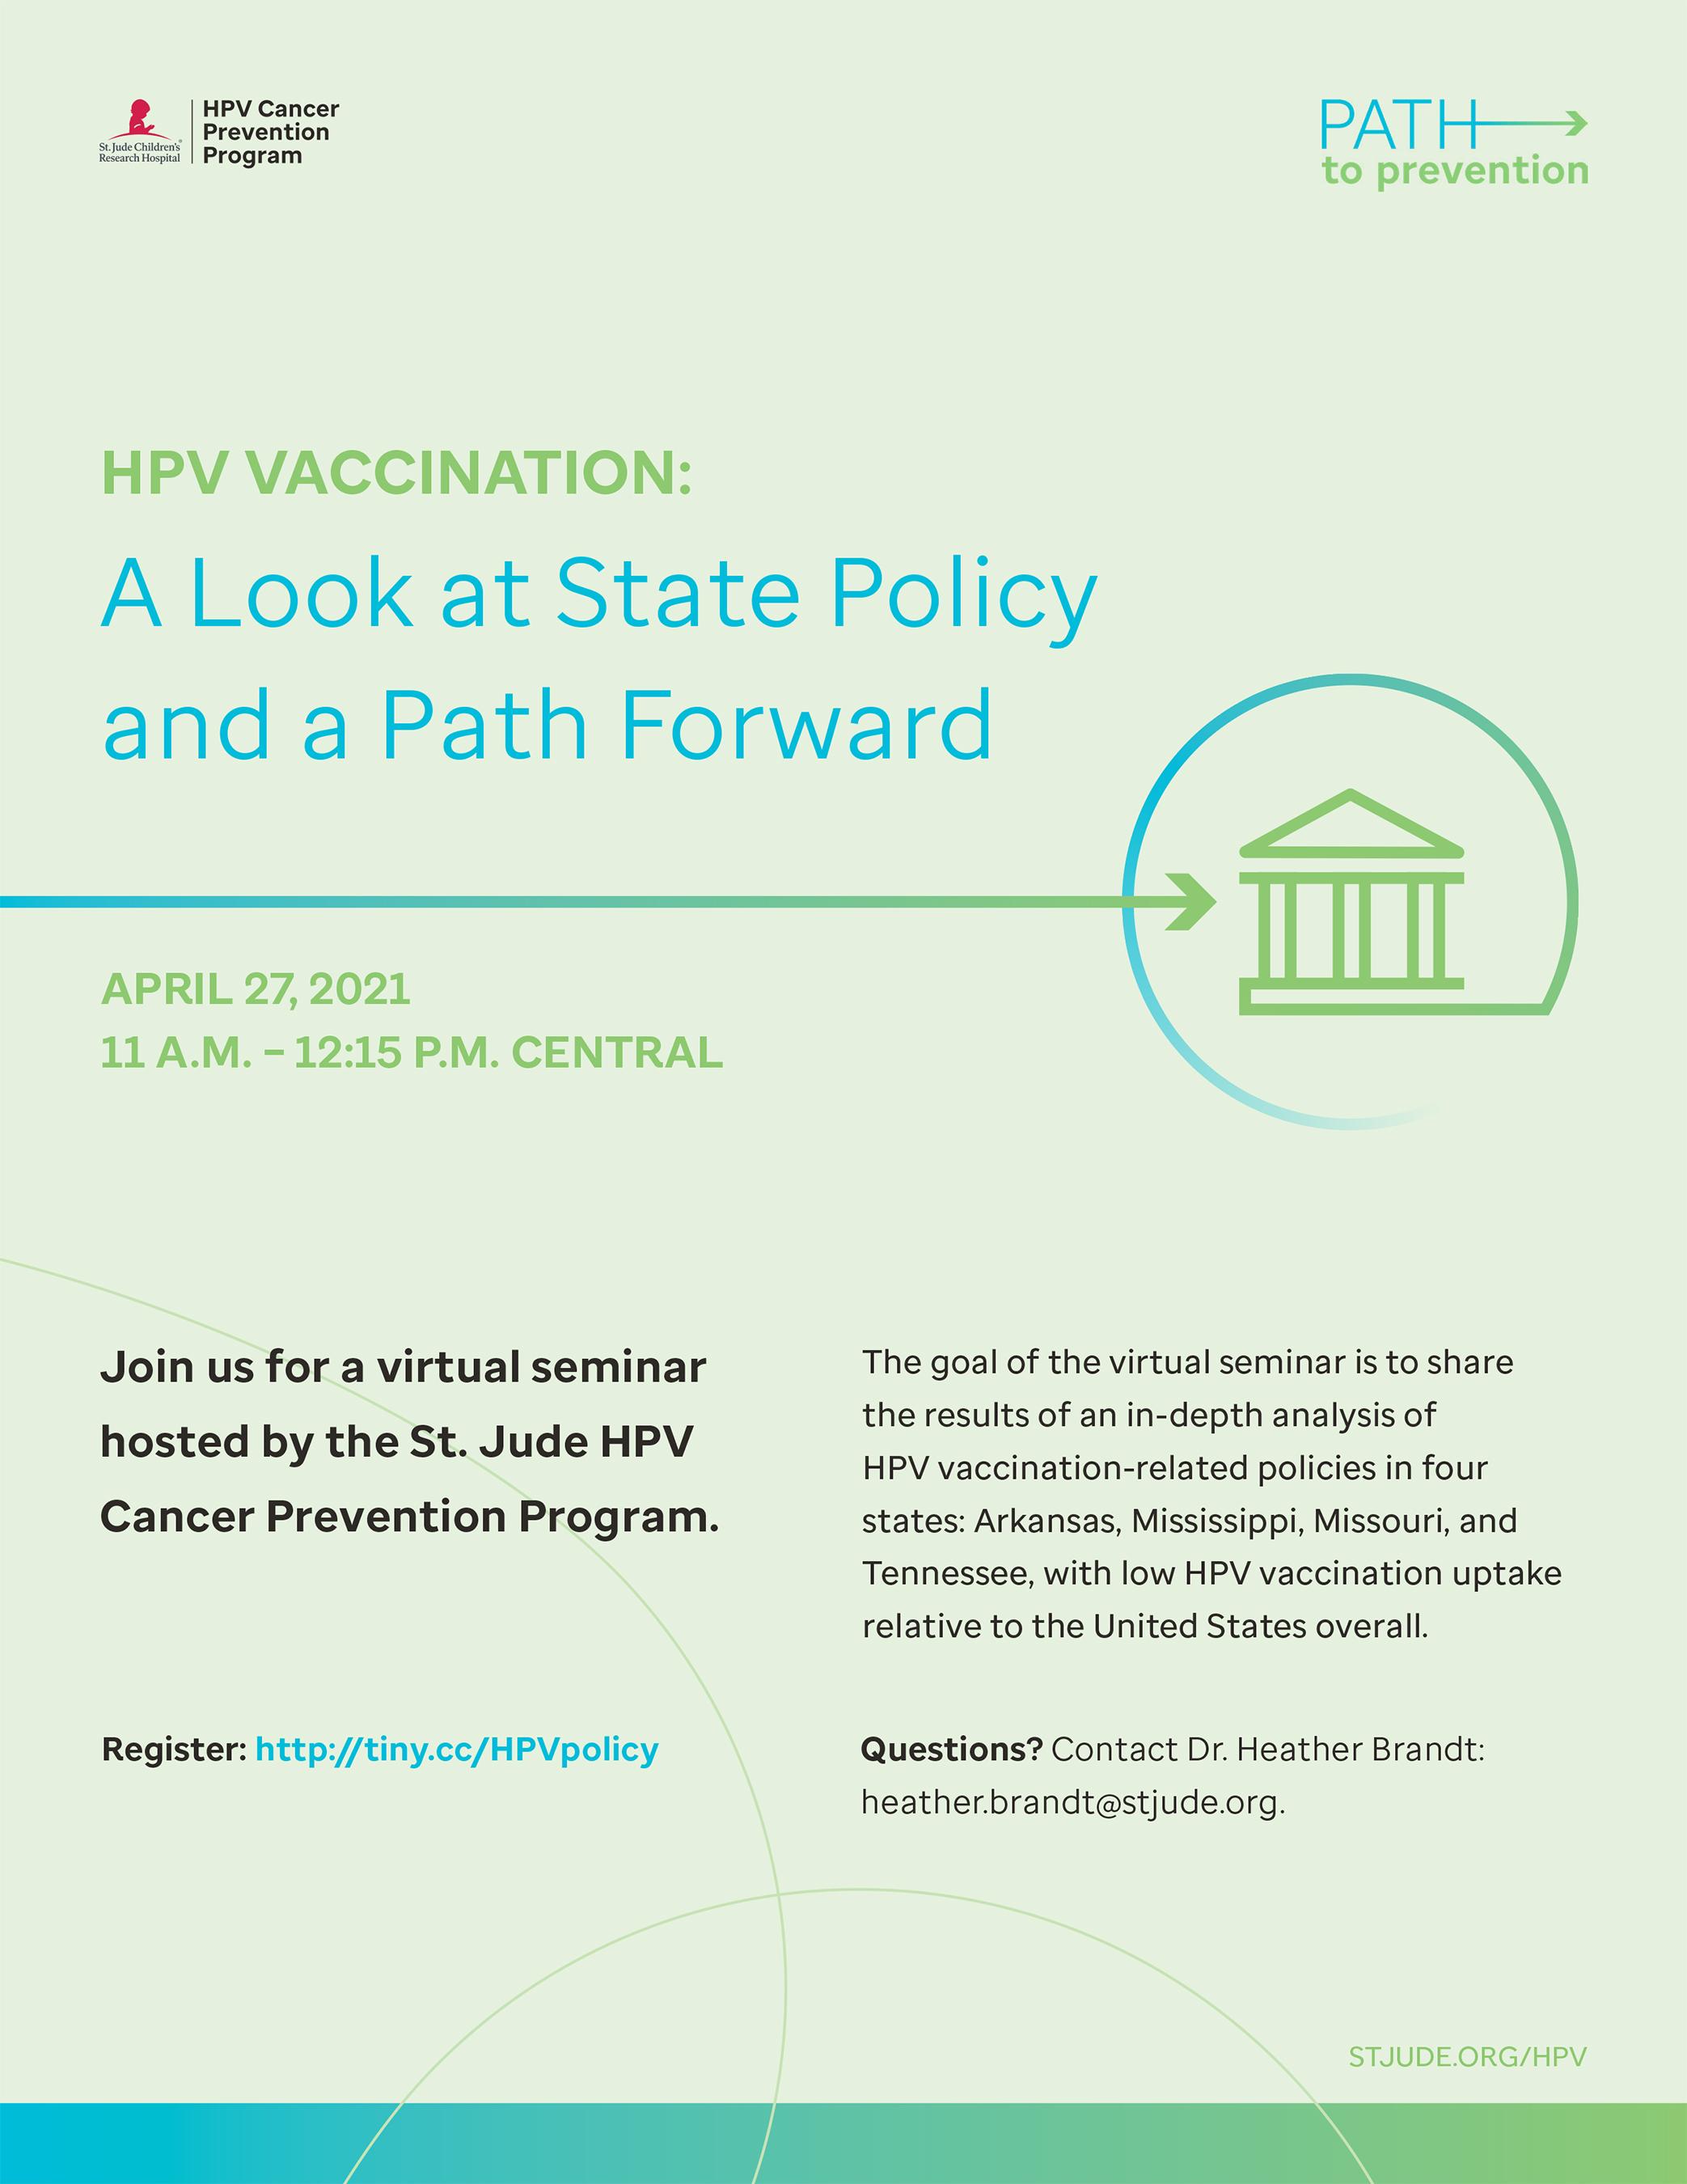 HPV Prevention Flyer